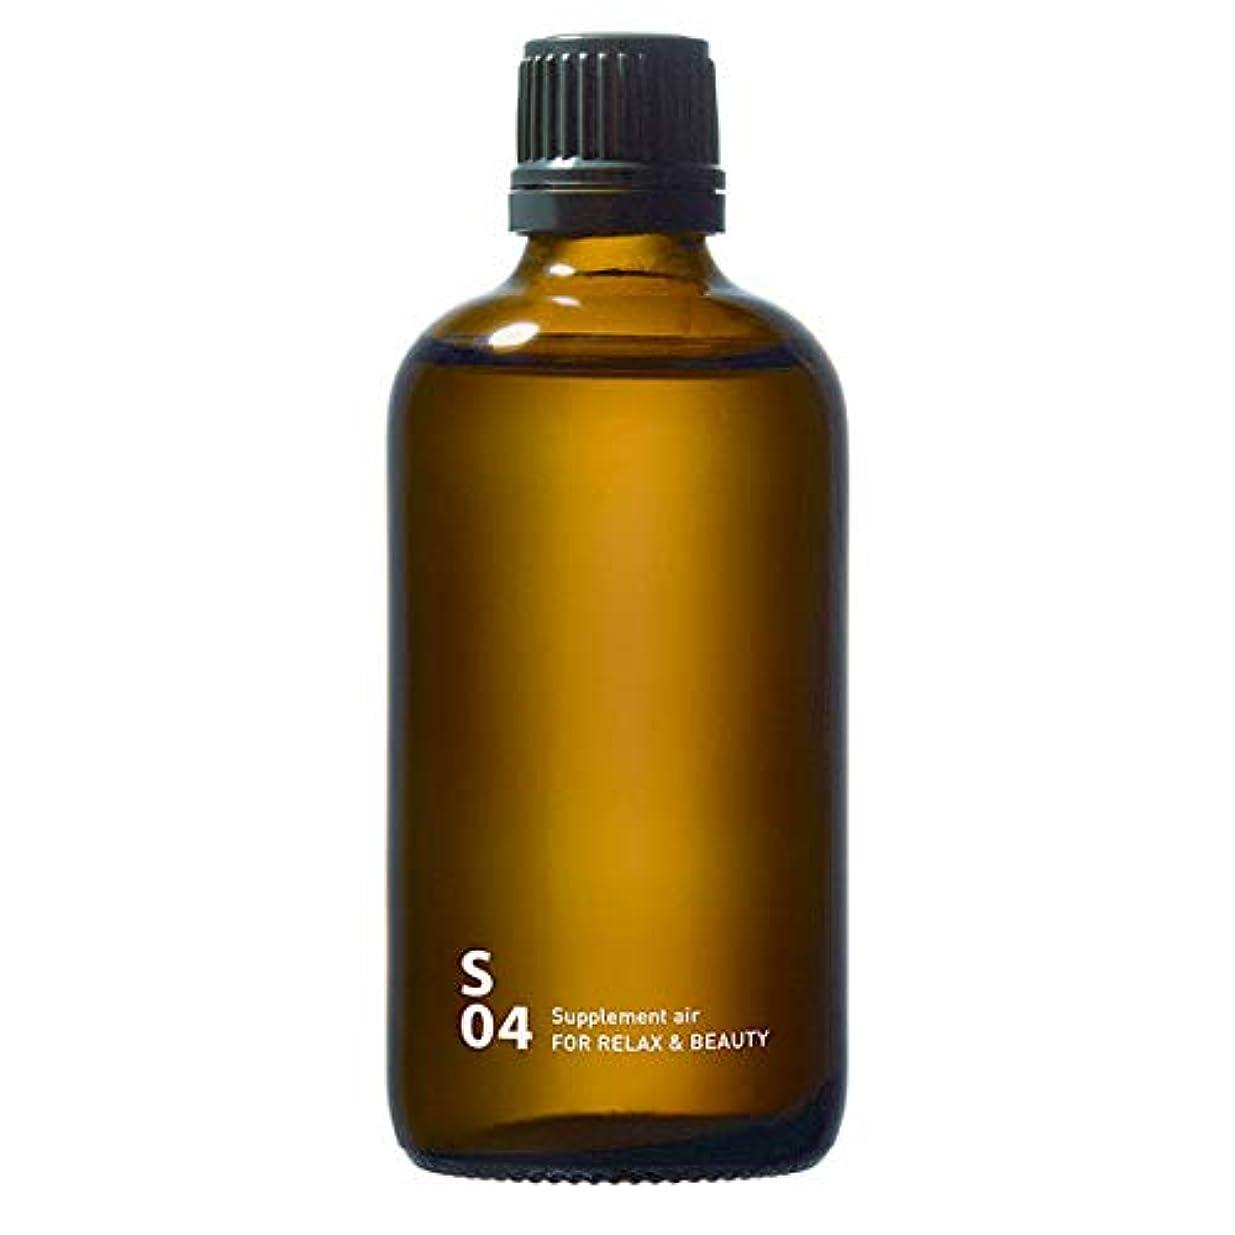 変更マルクス主義長方形S04 FOR RELAX & BEAUTY piezo aroma oil 100ml